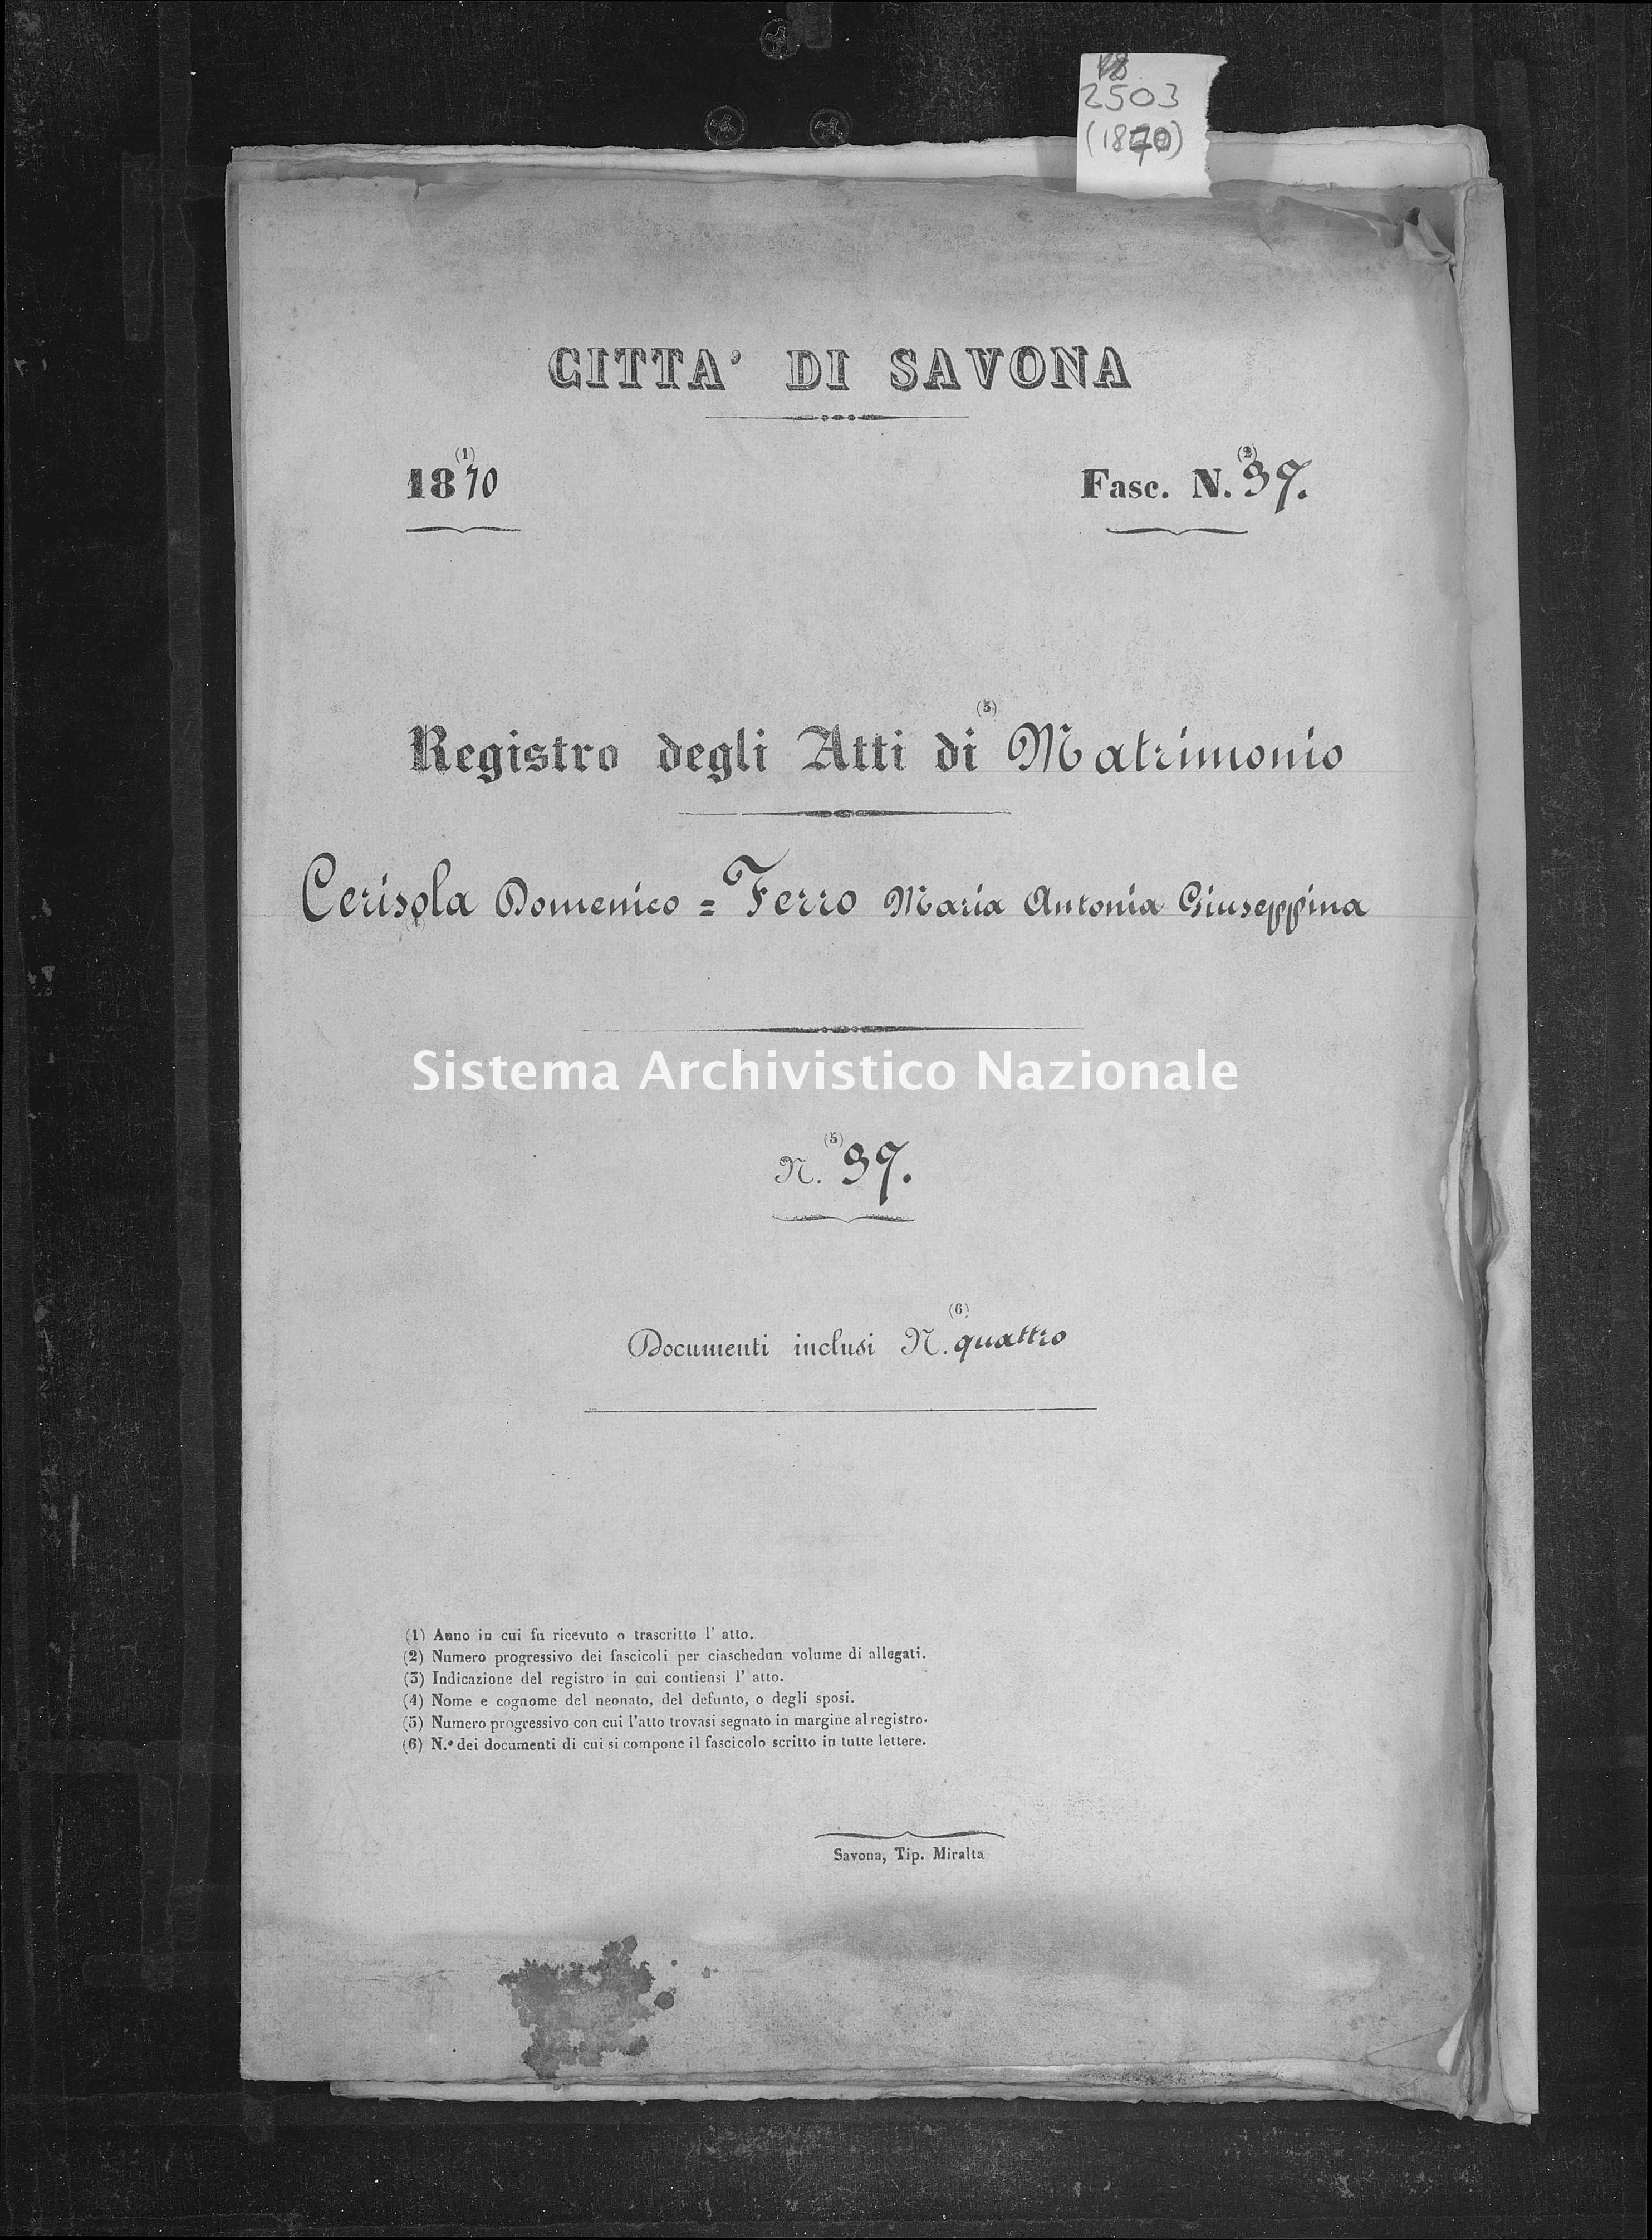 Archivio di stato di Savona - Stato civile - Savona - Nati-Matrimoni-Morti, allegati - 1870 - 2503 -